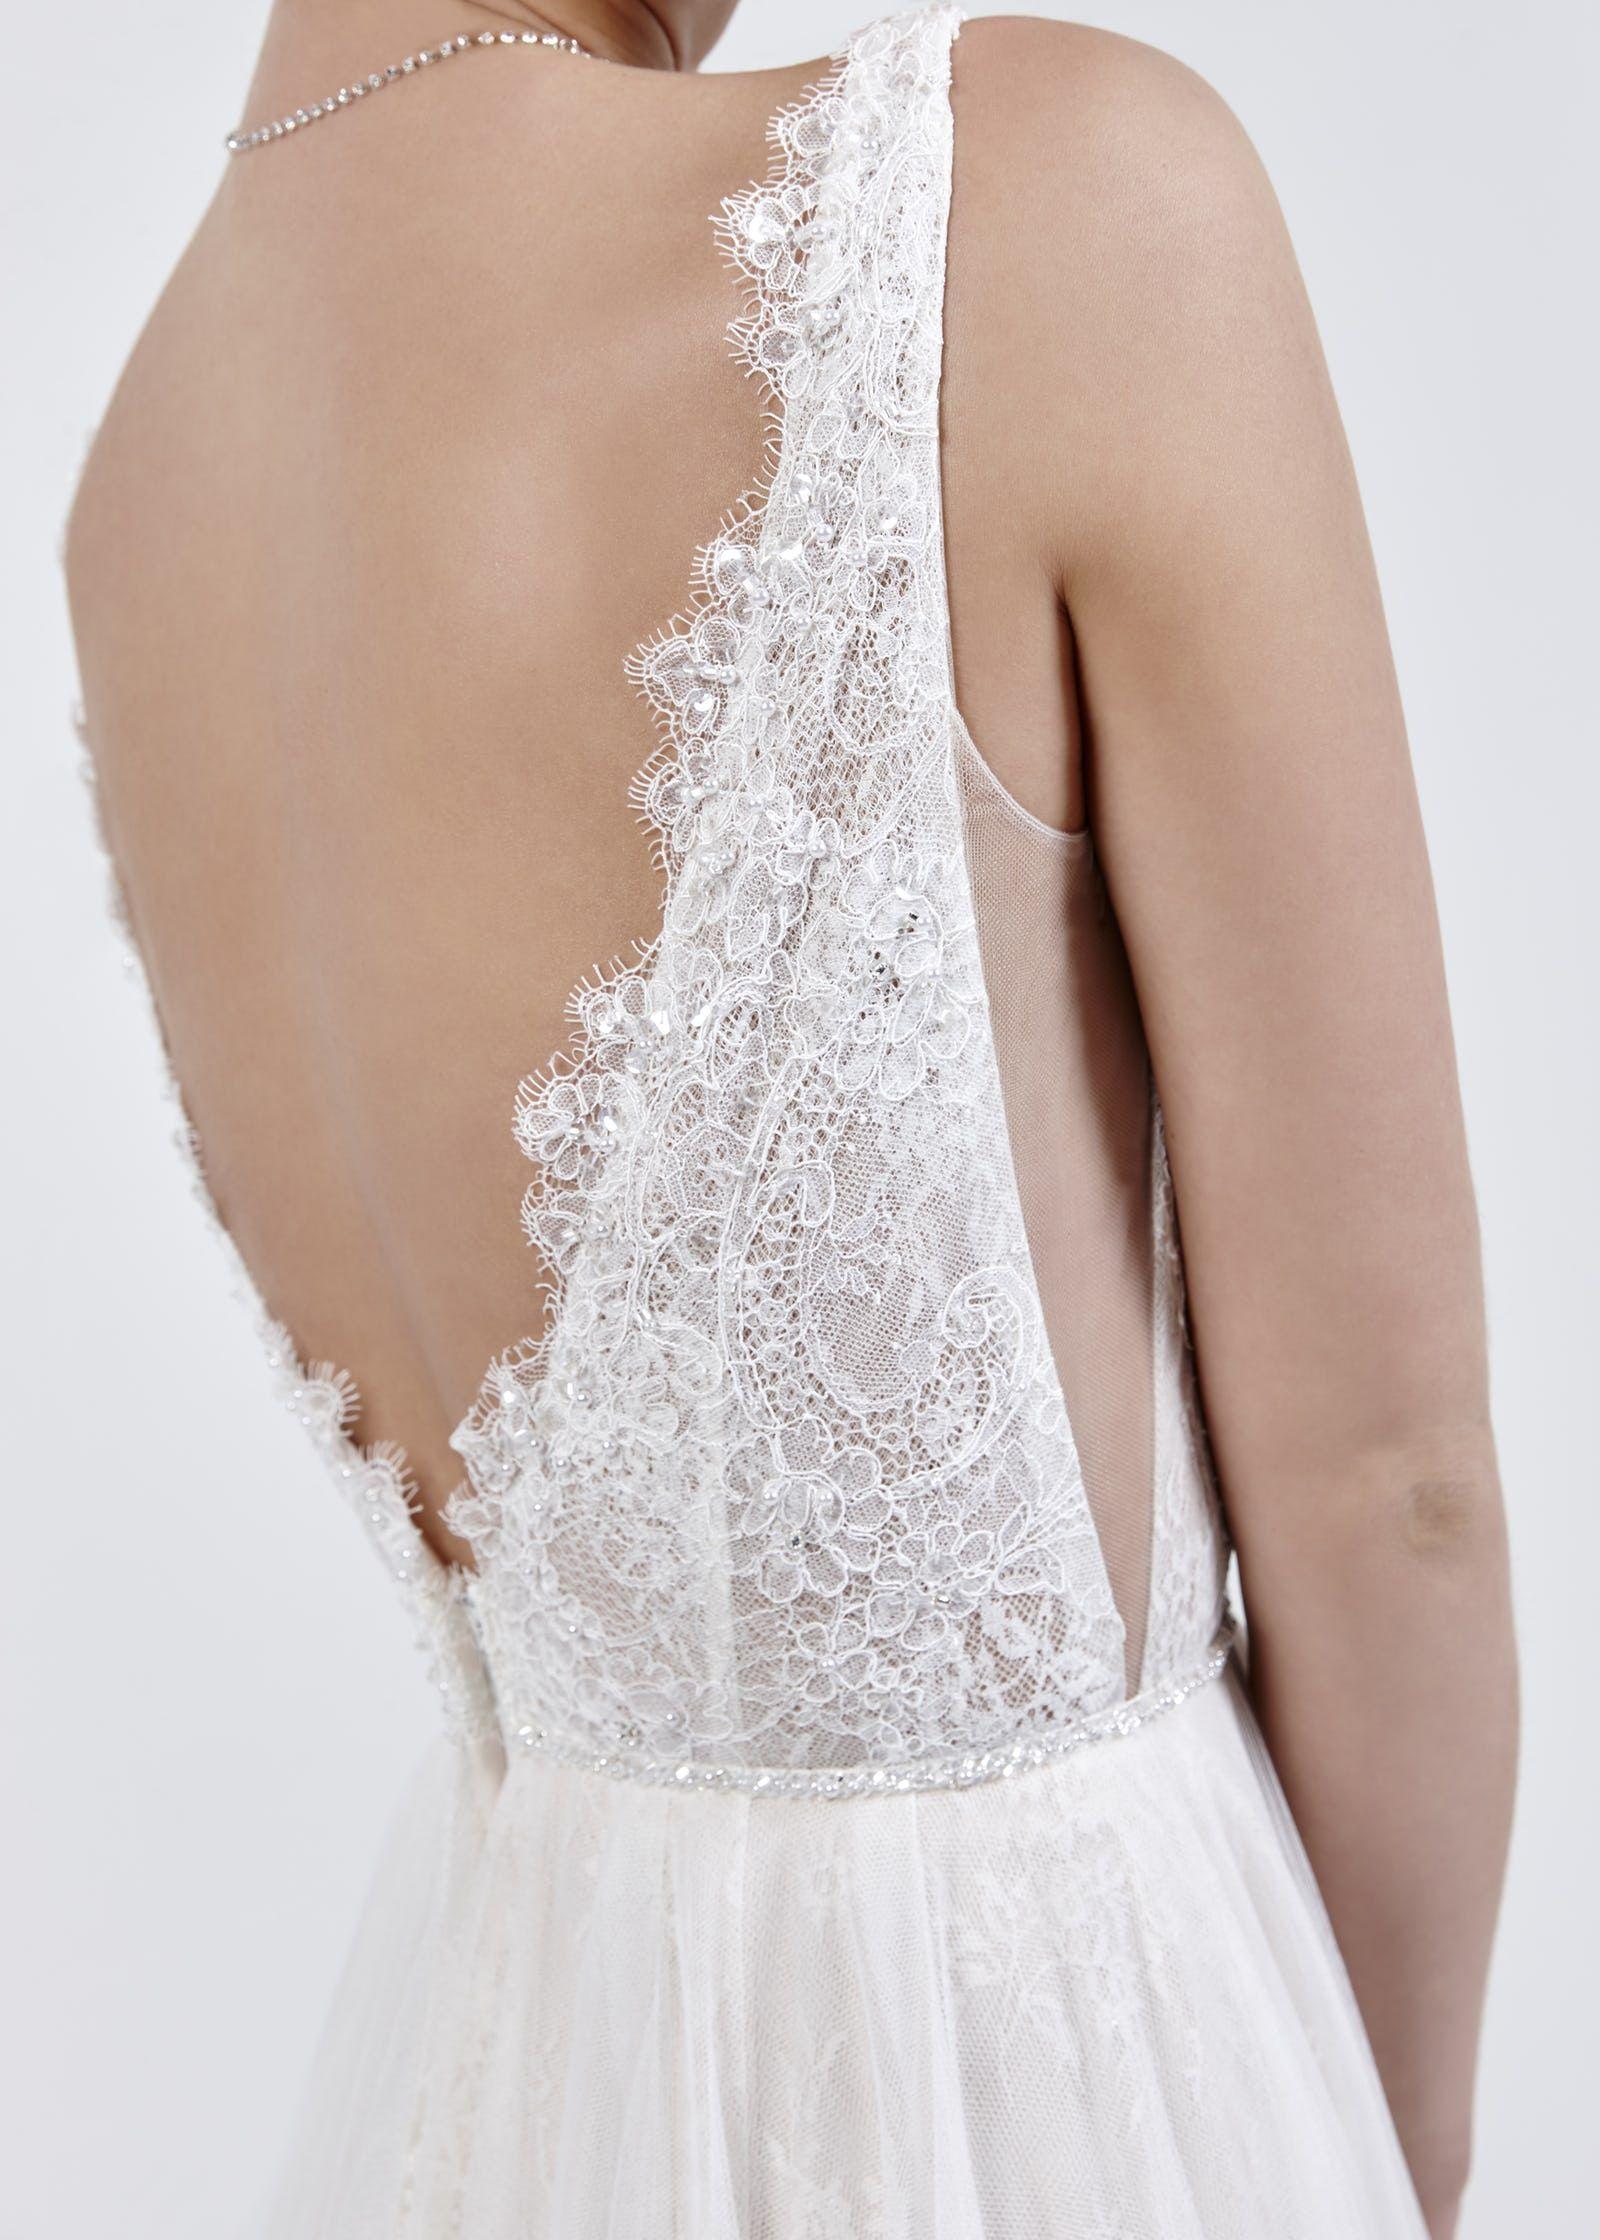 Dein Brautkleid wartet auf Dich! Say Jess - Dein Brautladen hilft ...